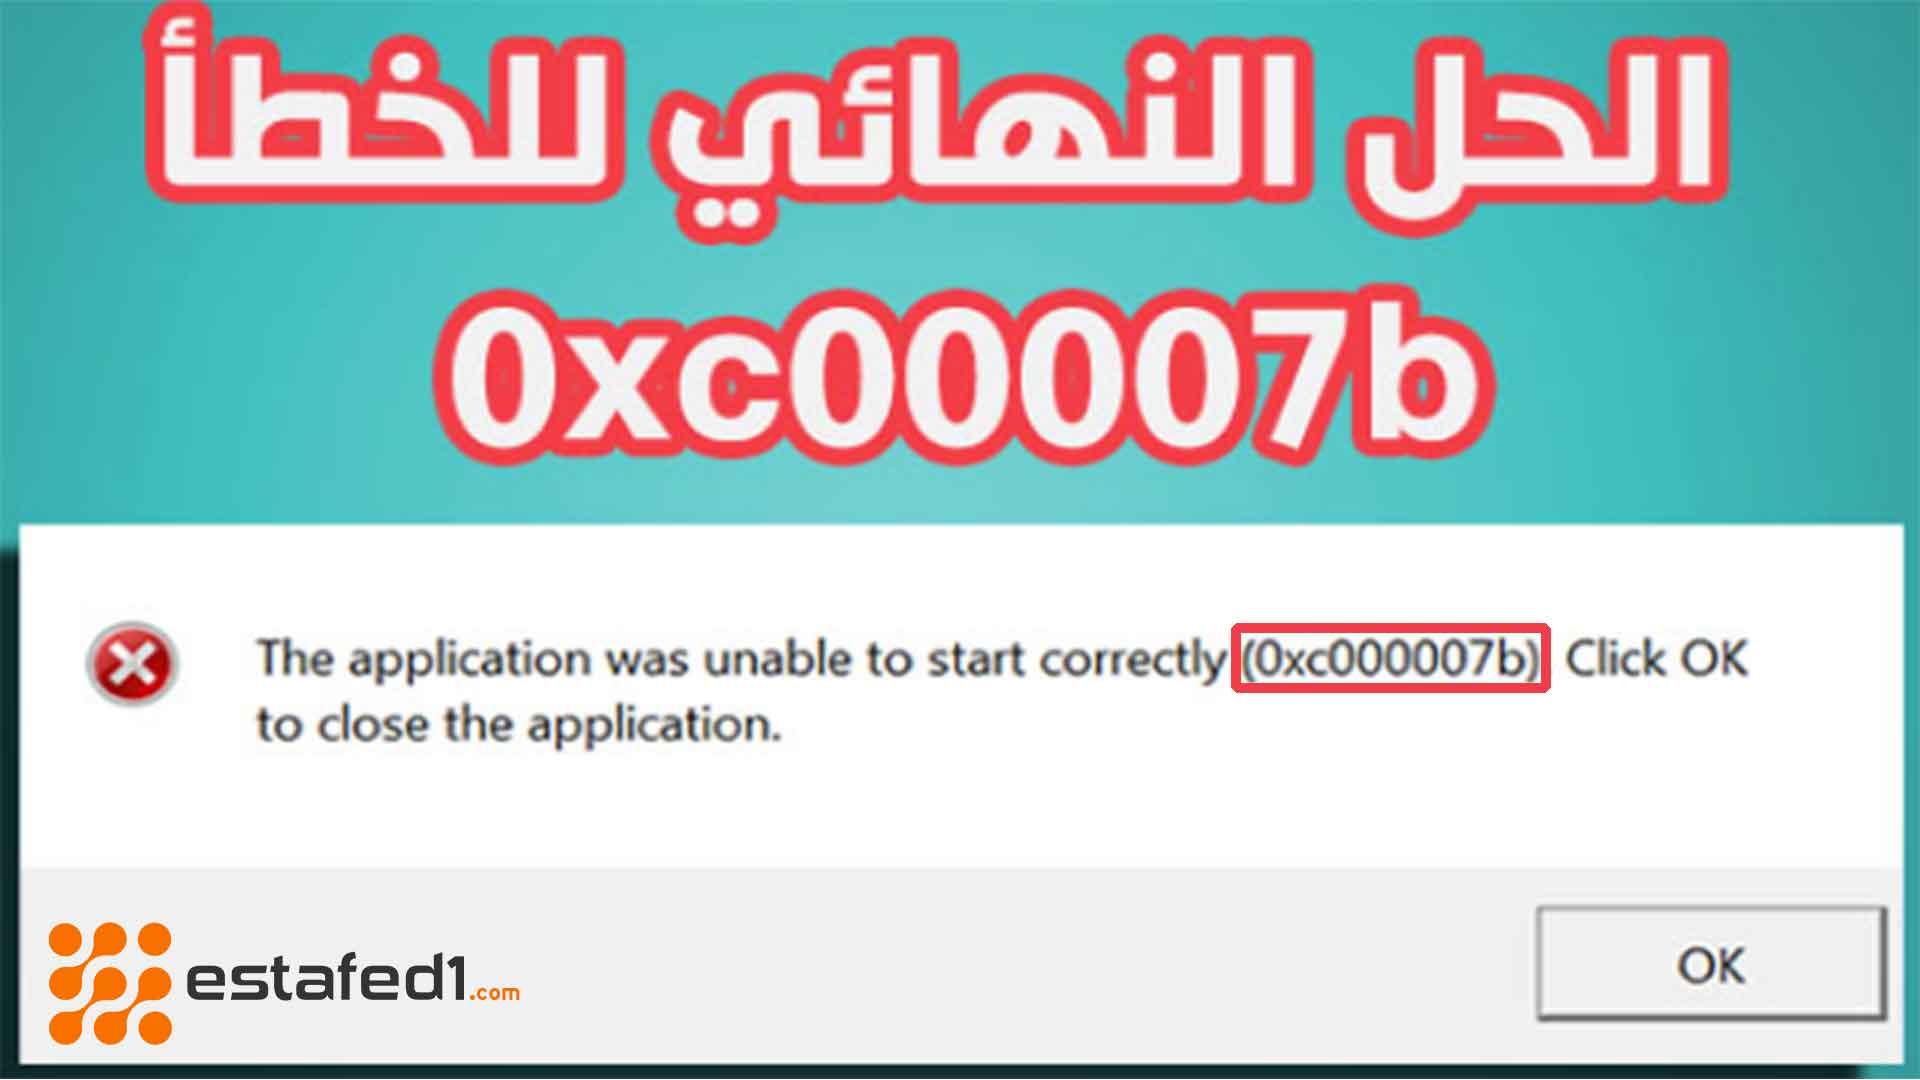 الحل النهائي لرسالة الخطأ 0xc00007b عند تشغيل الألعاب